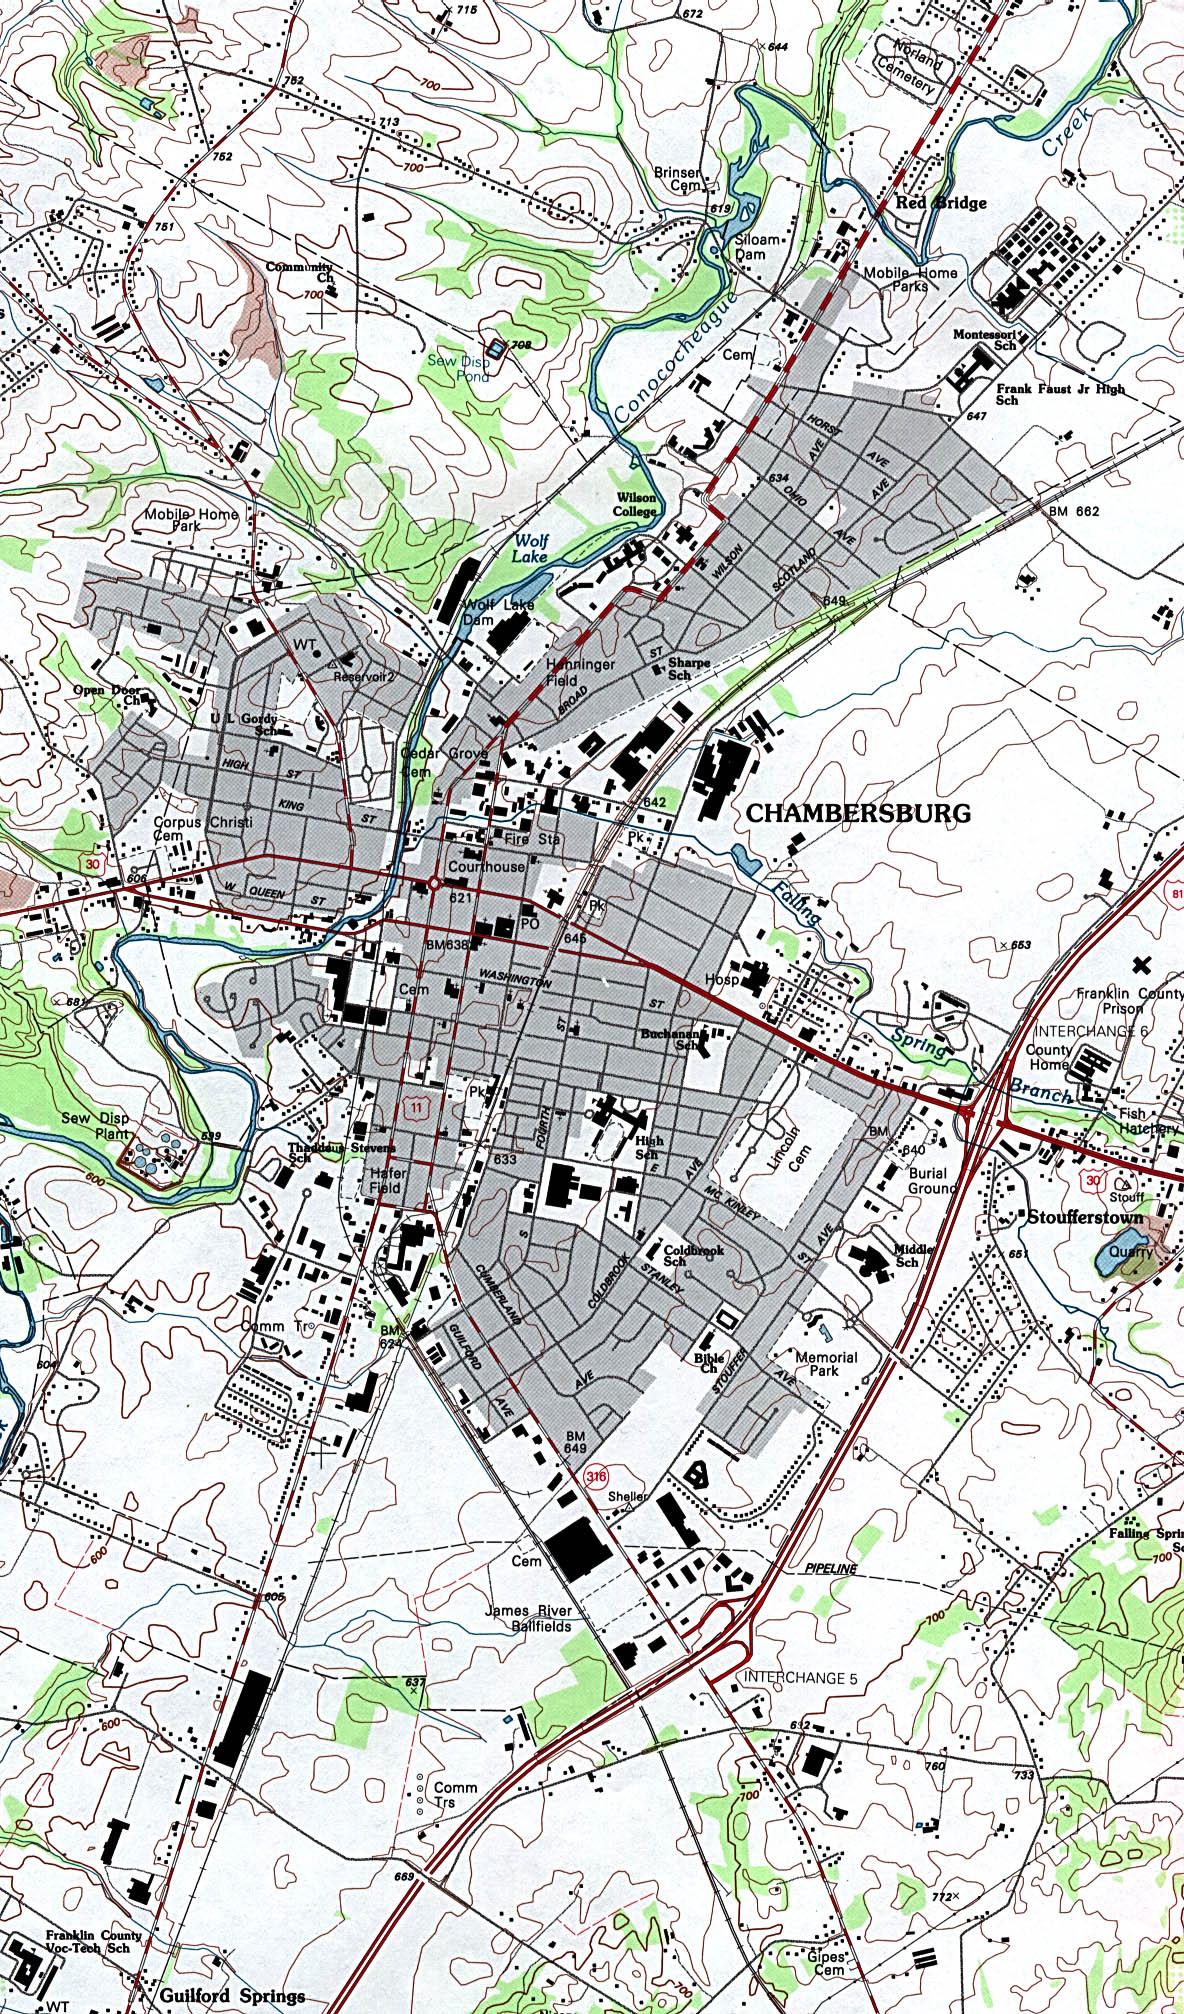 Mapa Topográfico de la Ciudad de Chambersburg, Pensilvania, Estados Unidos